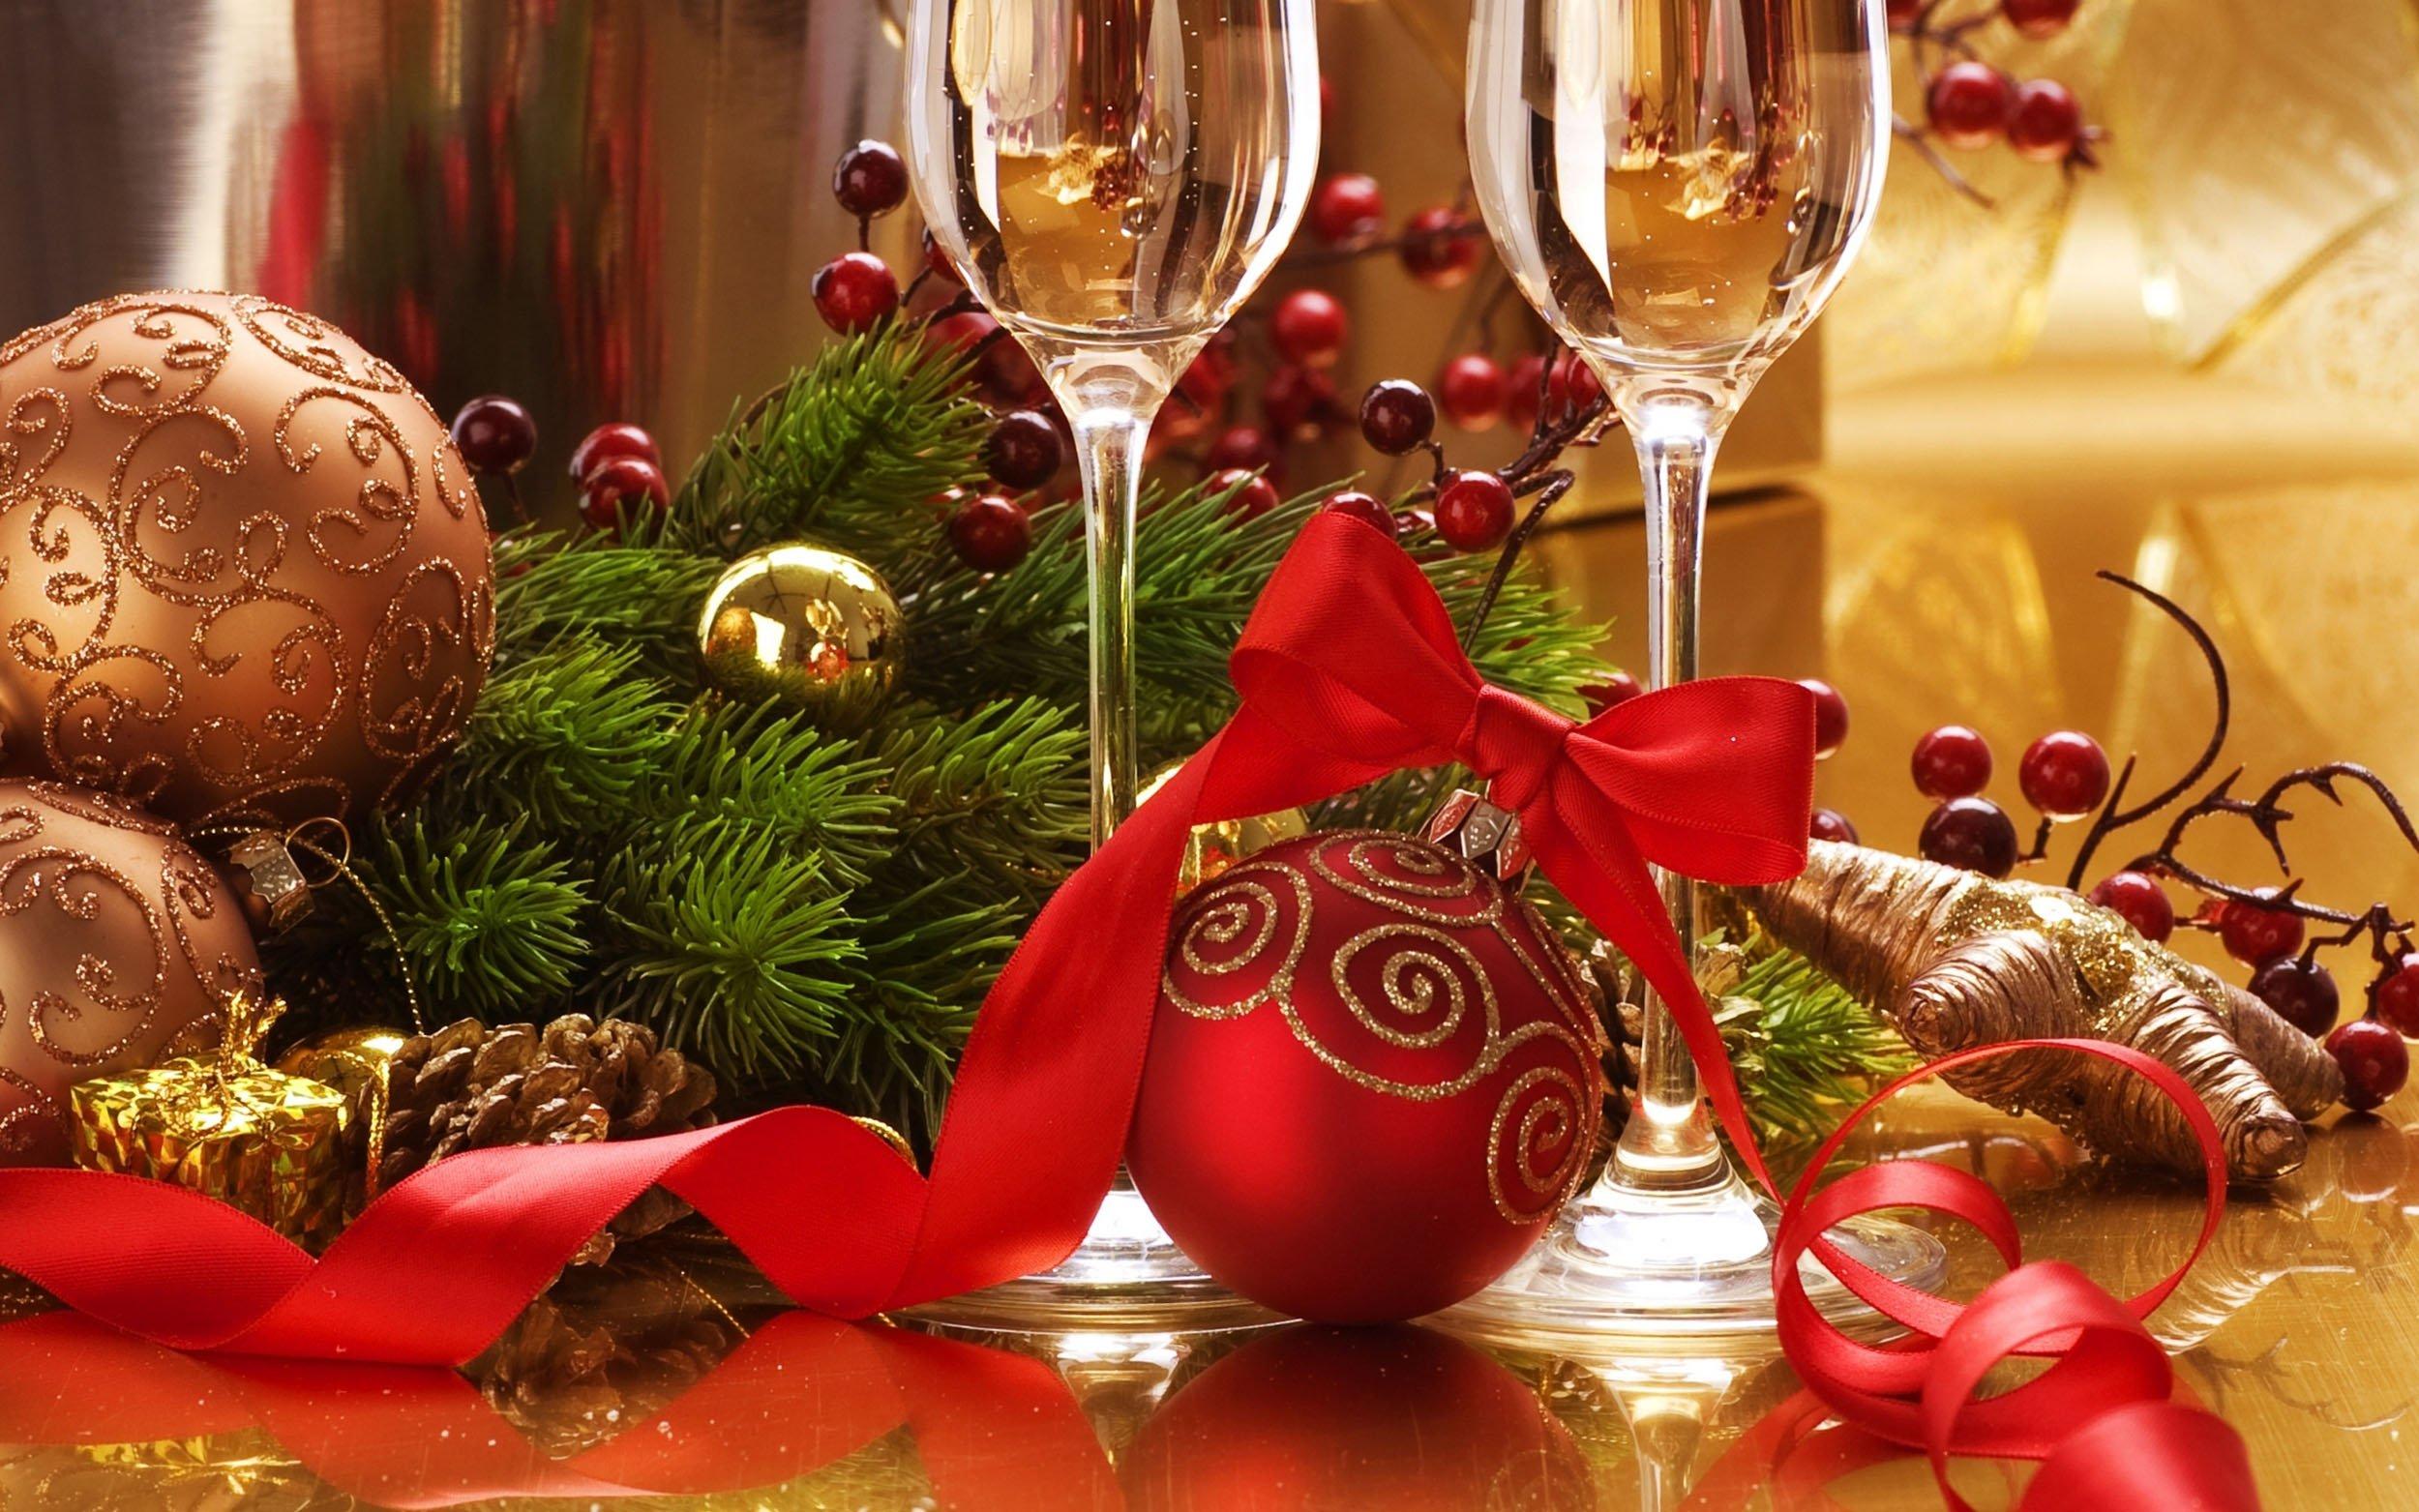 Празднование Нового Года 2019 в ресторане «Вагнес»